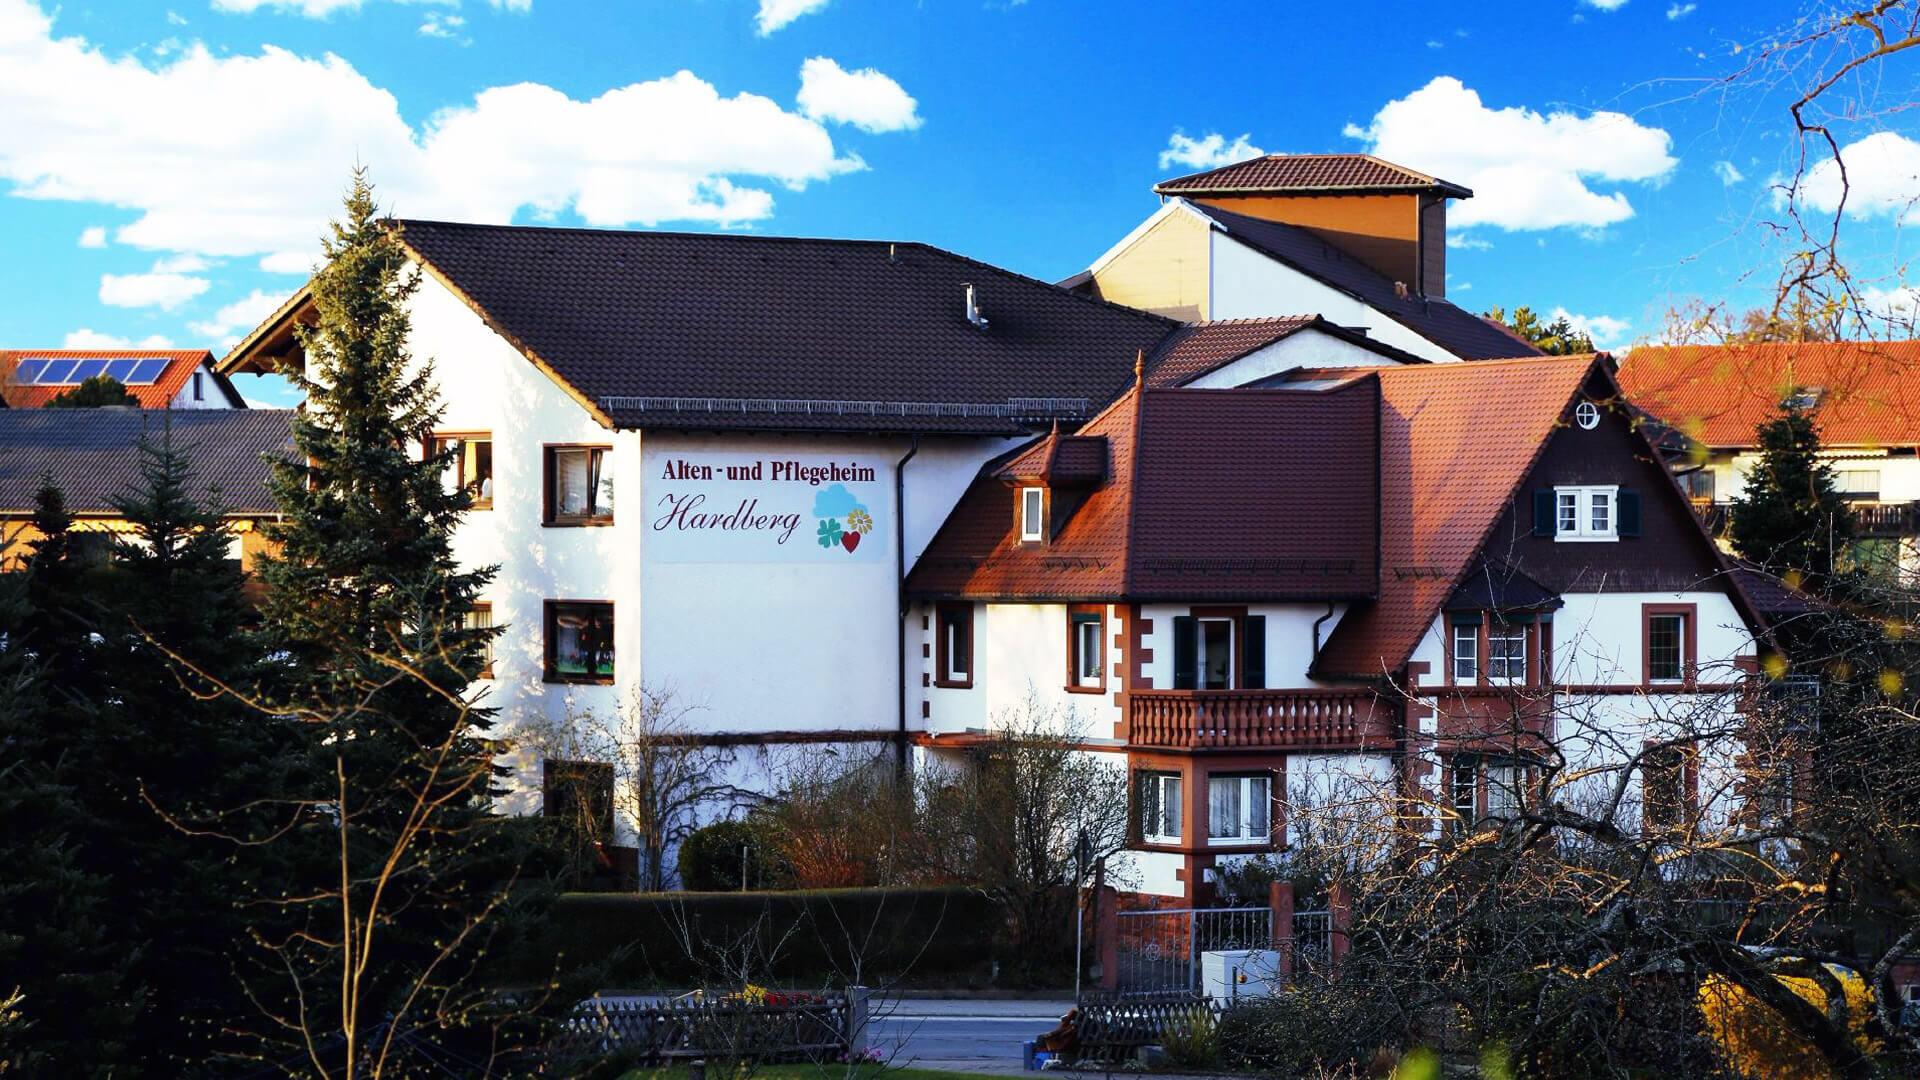 altenundpflegeheimhadberg1